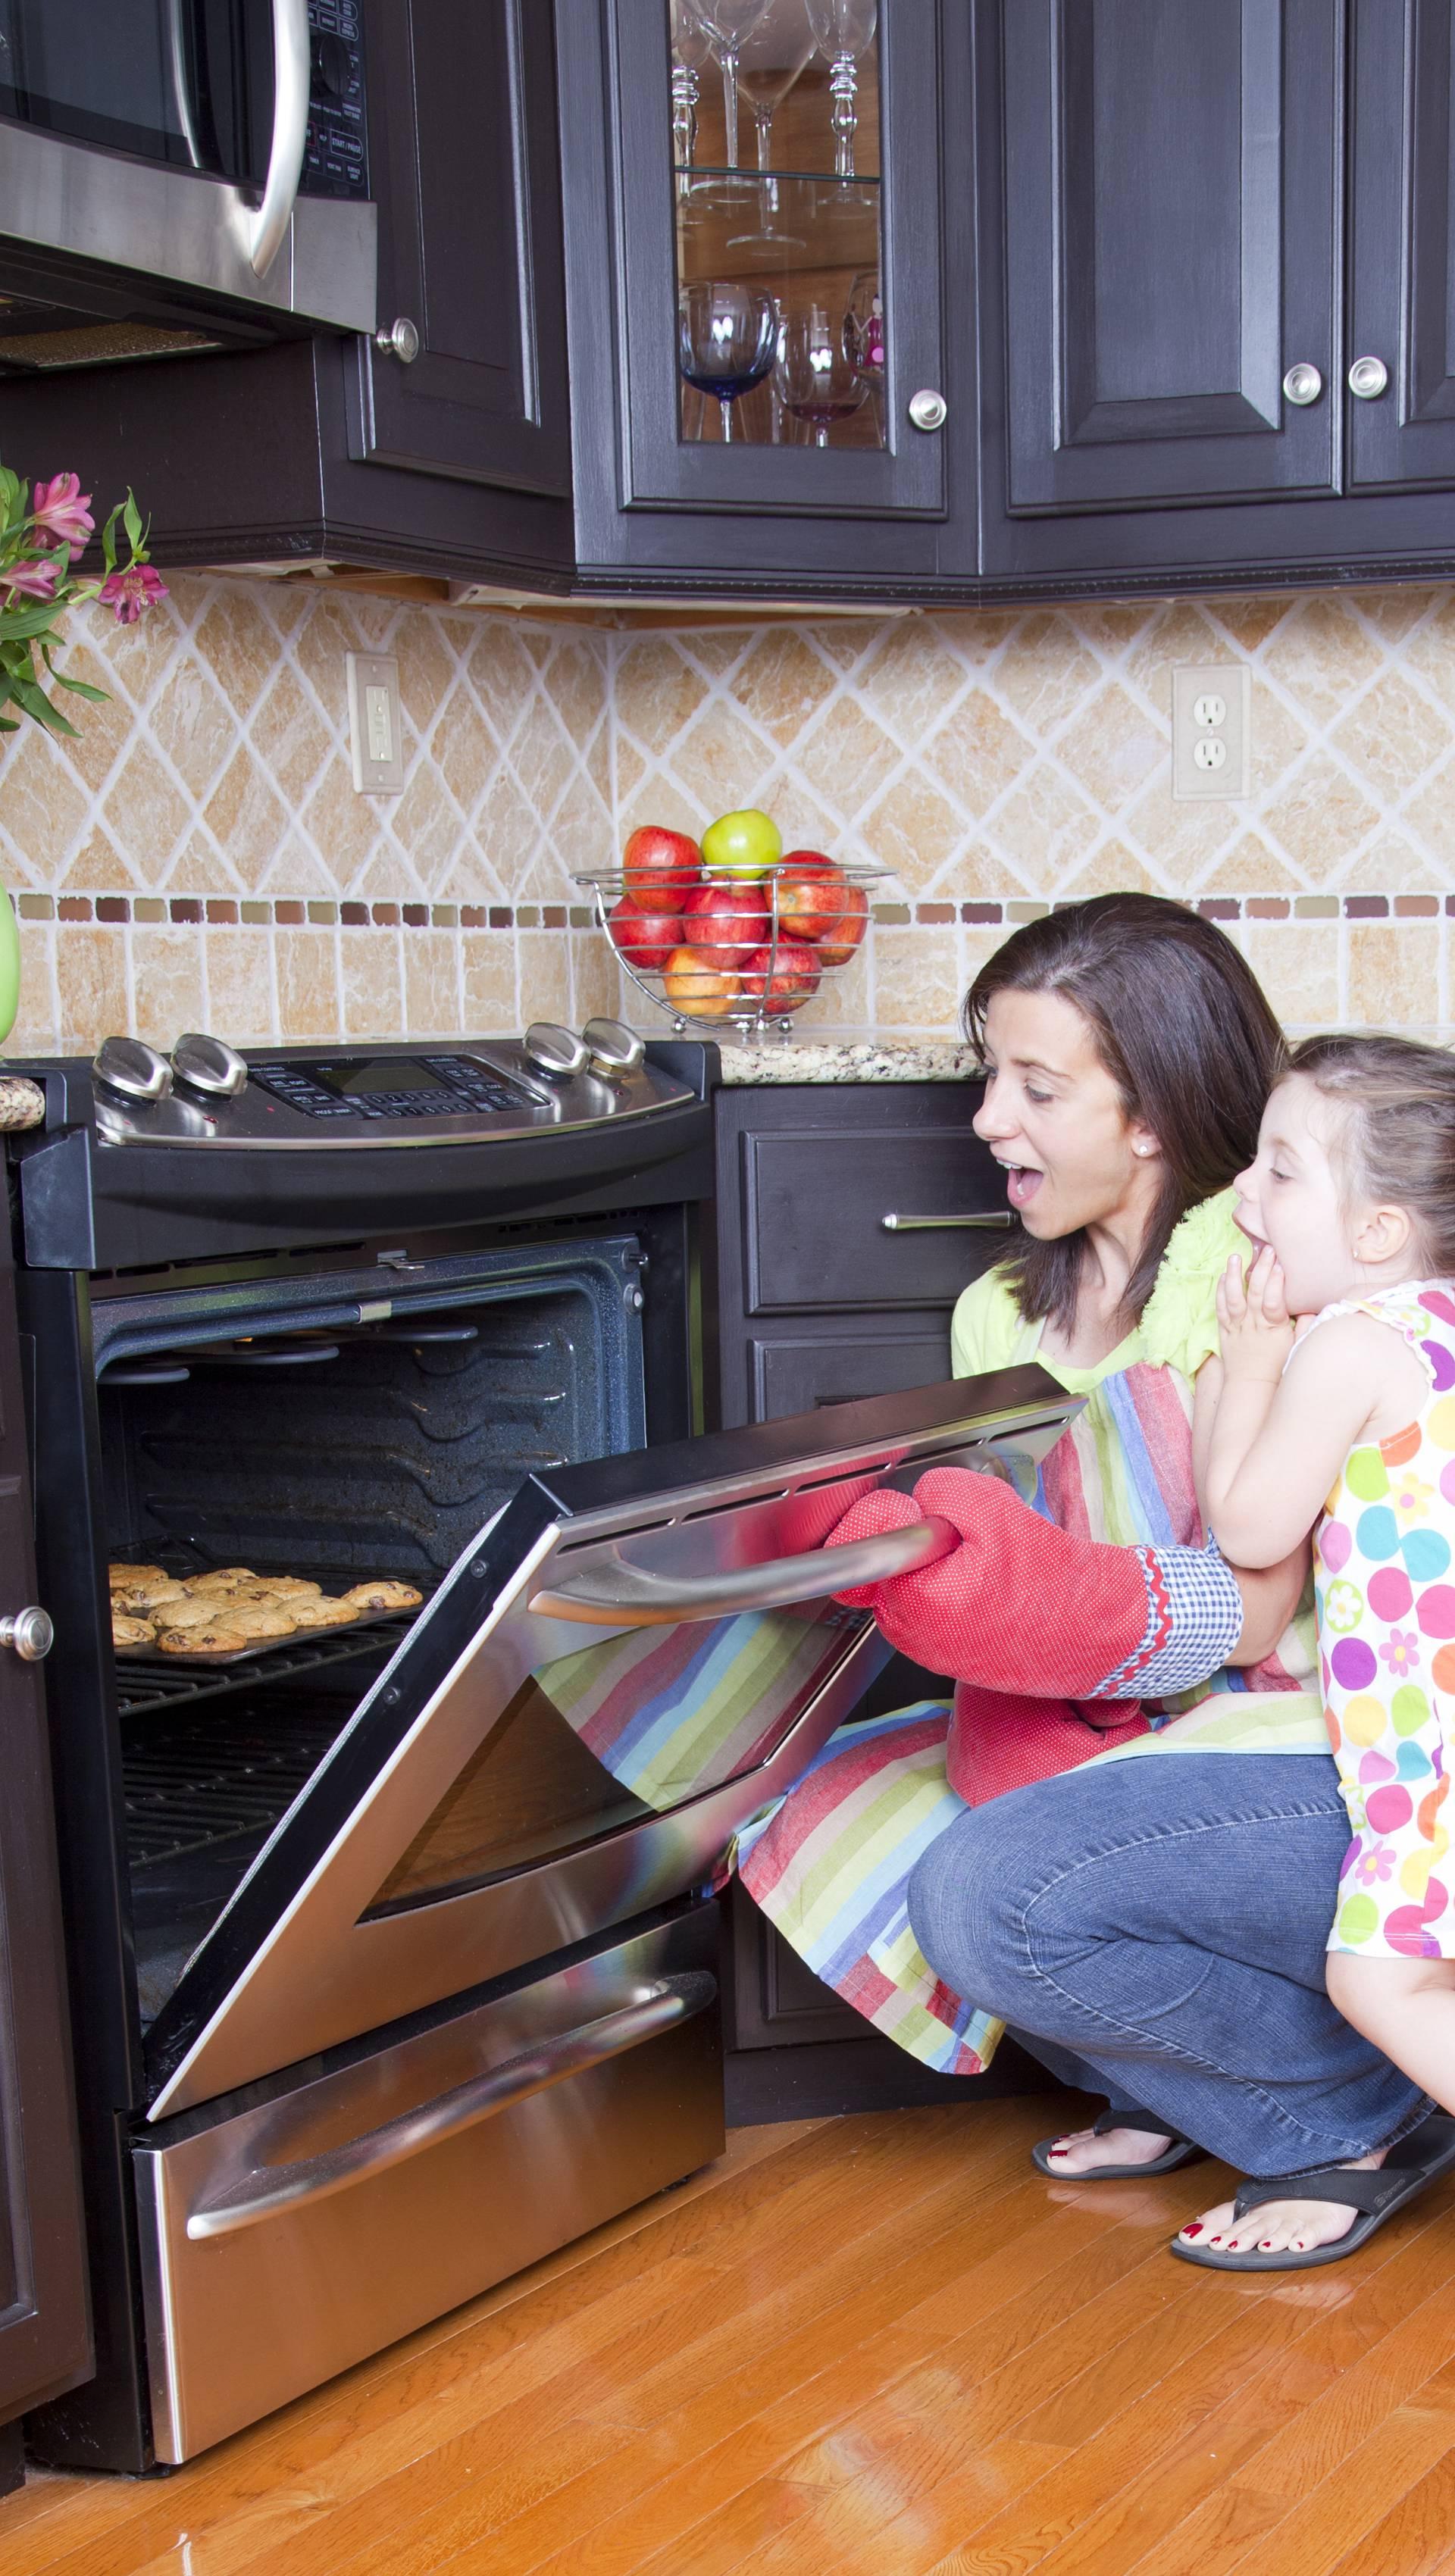 Prije pečenja kolača: Evo kako lako očistiti pećnicu bez muke